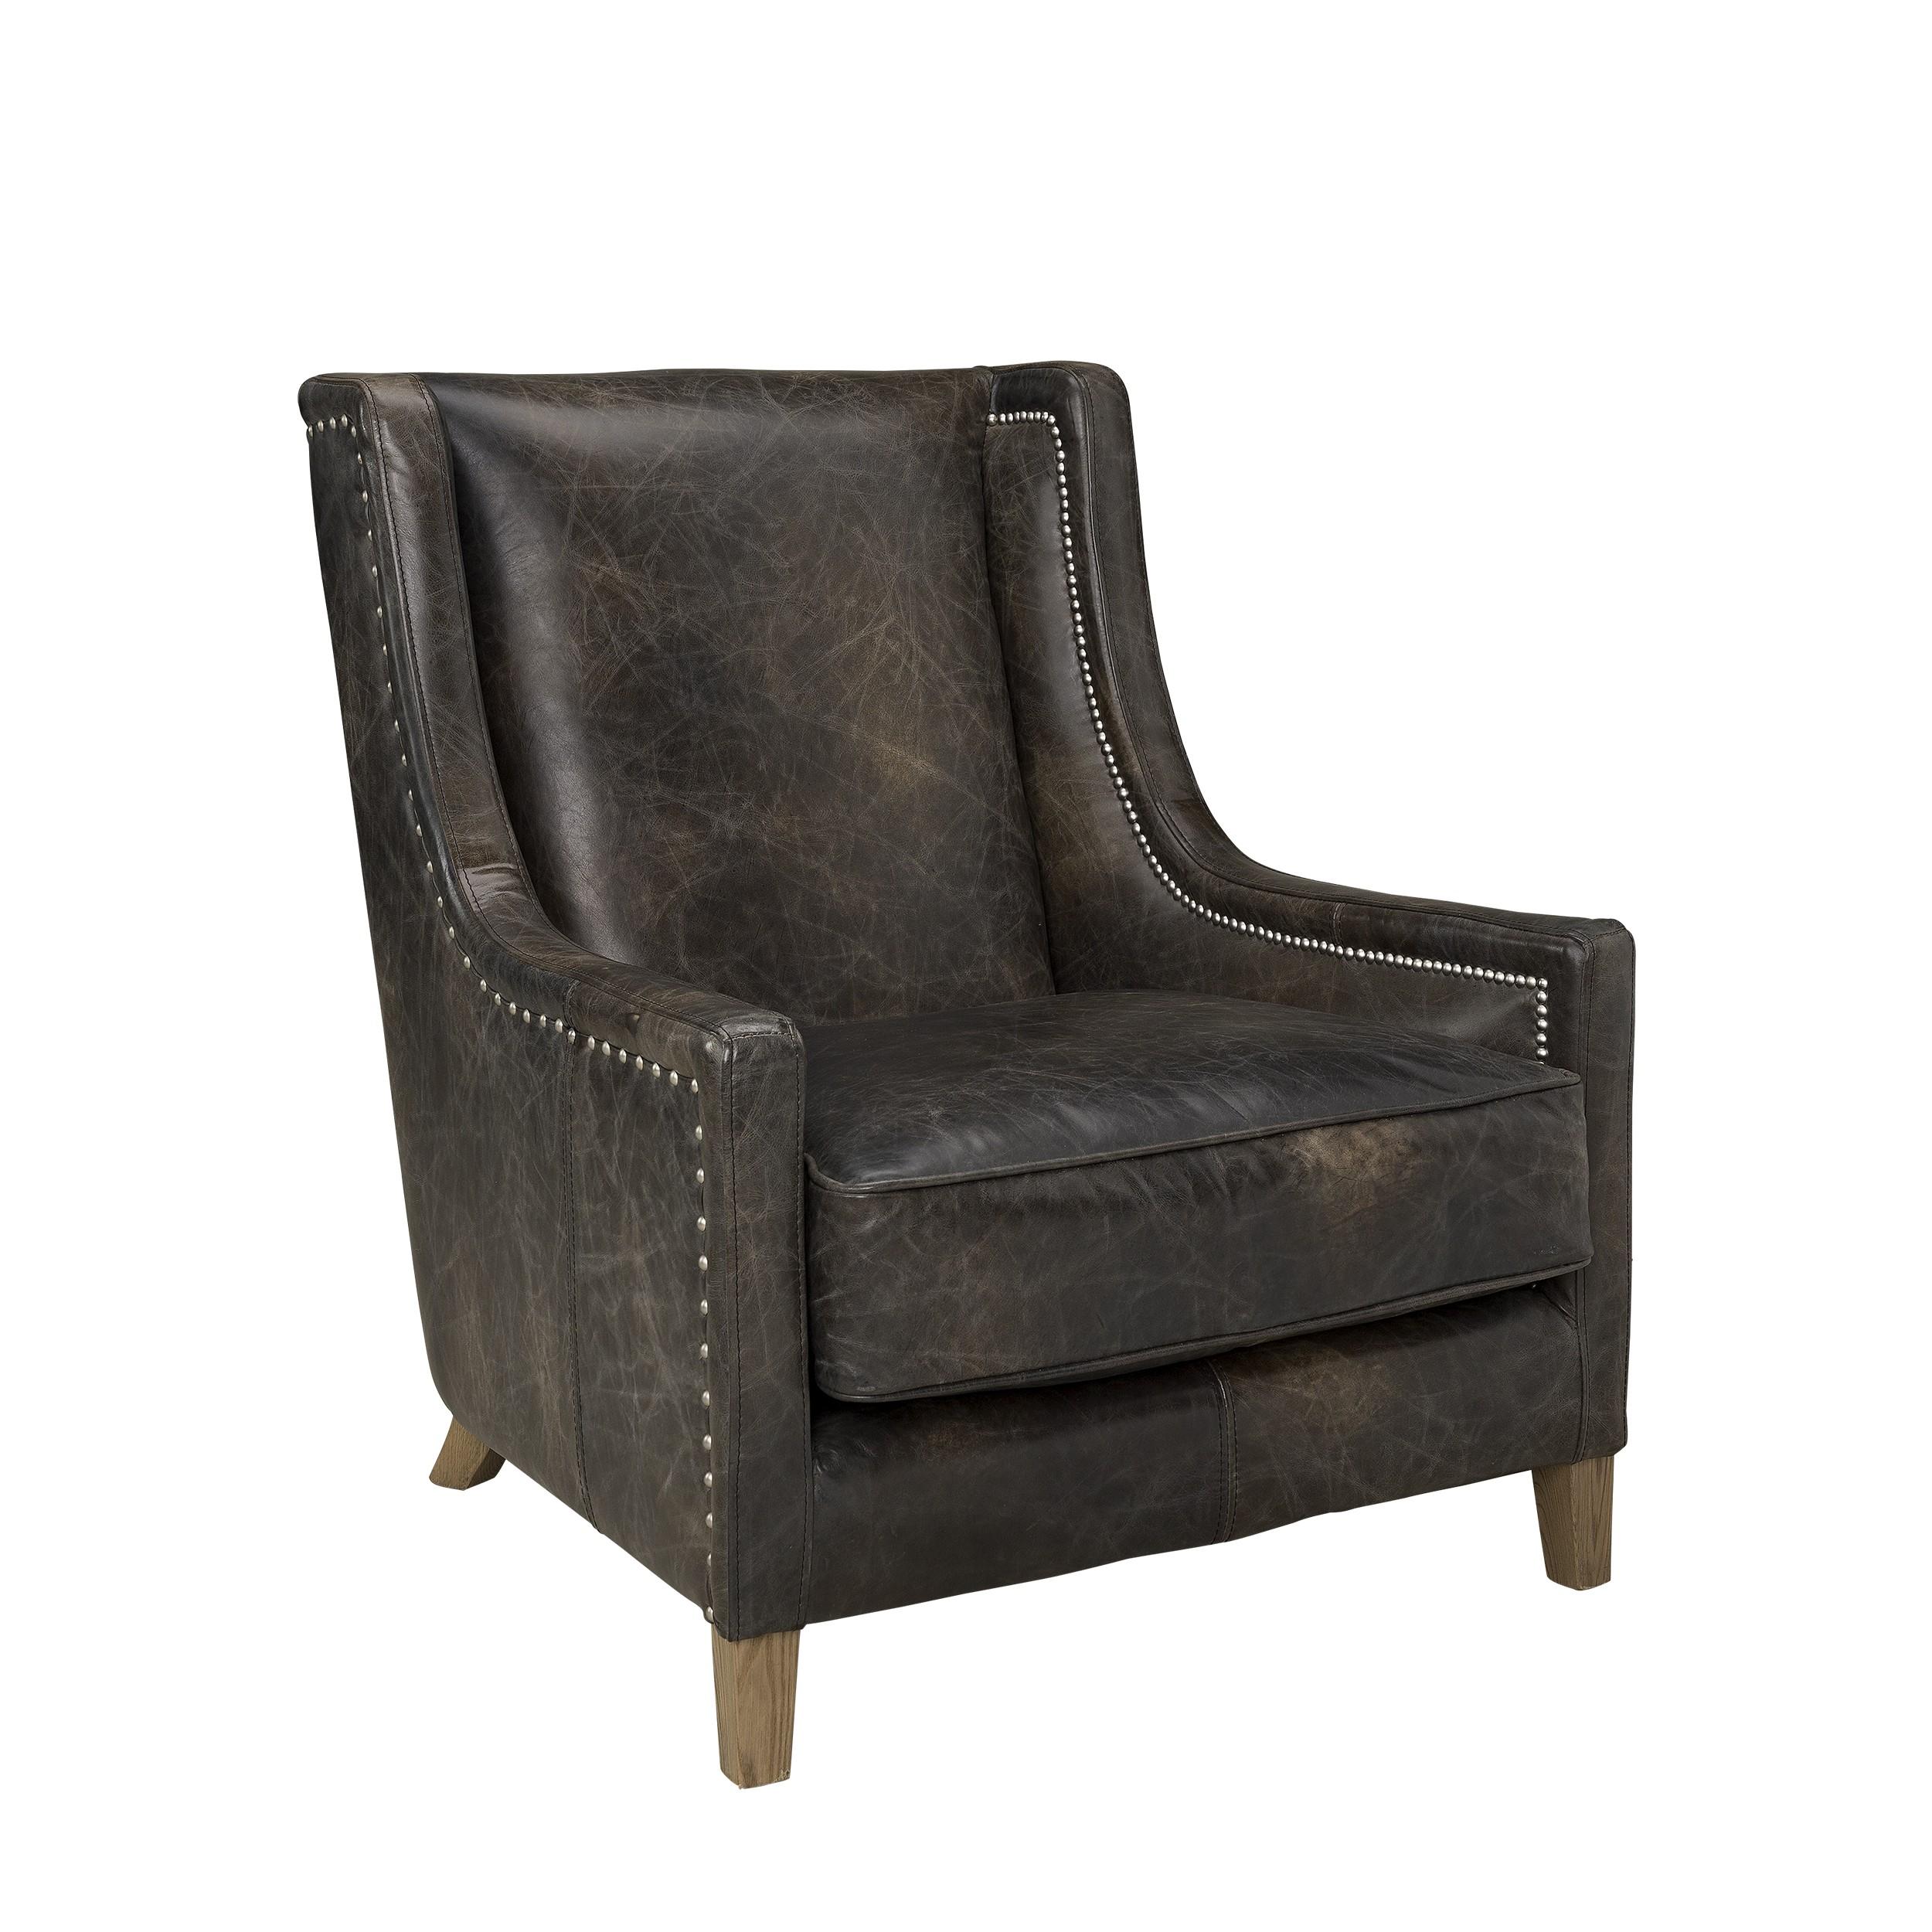 AW44 Lounge chair